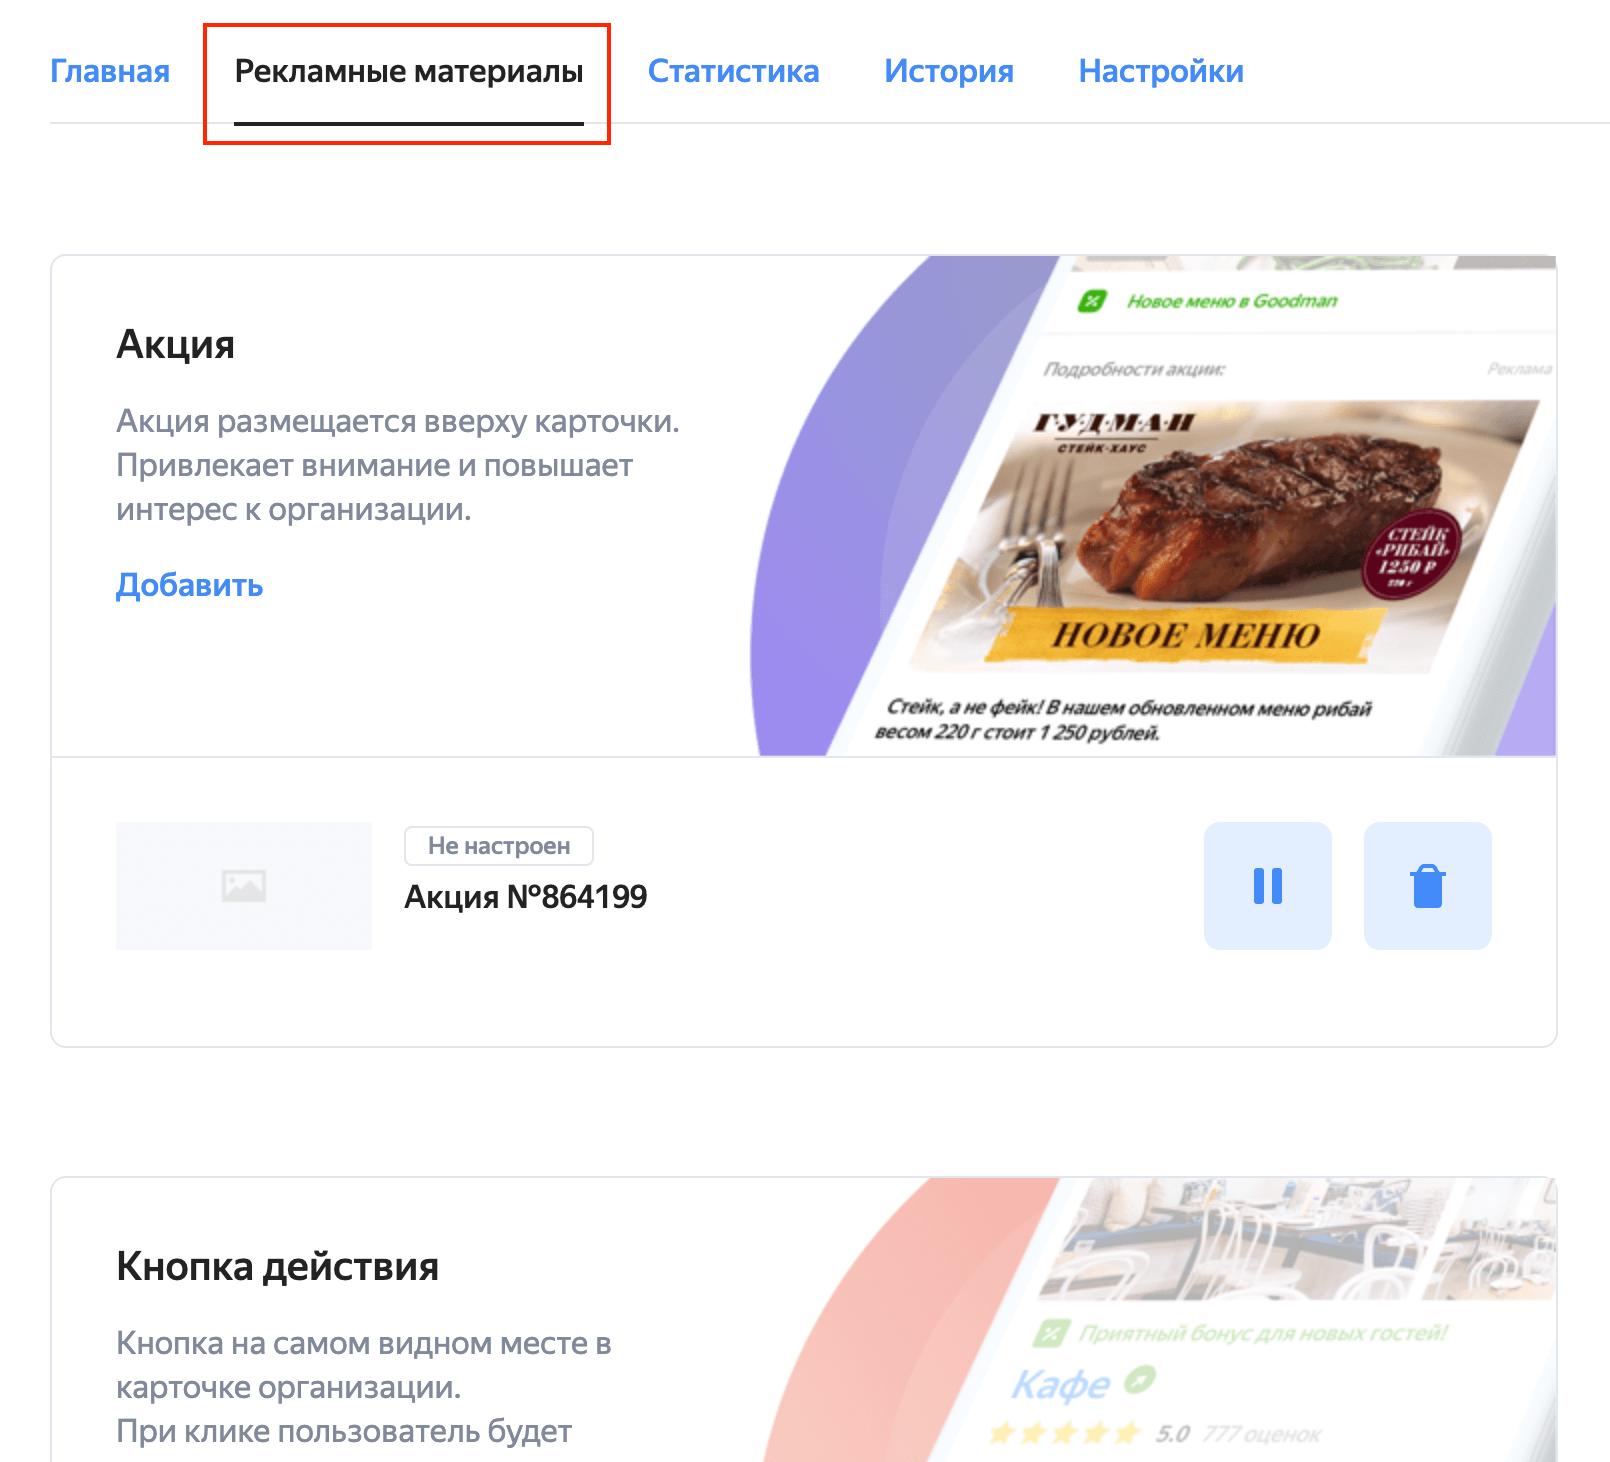 Рекламные материалы для Яндекса